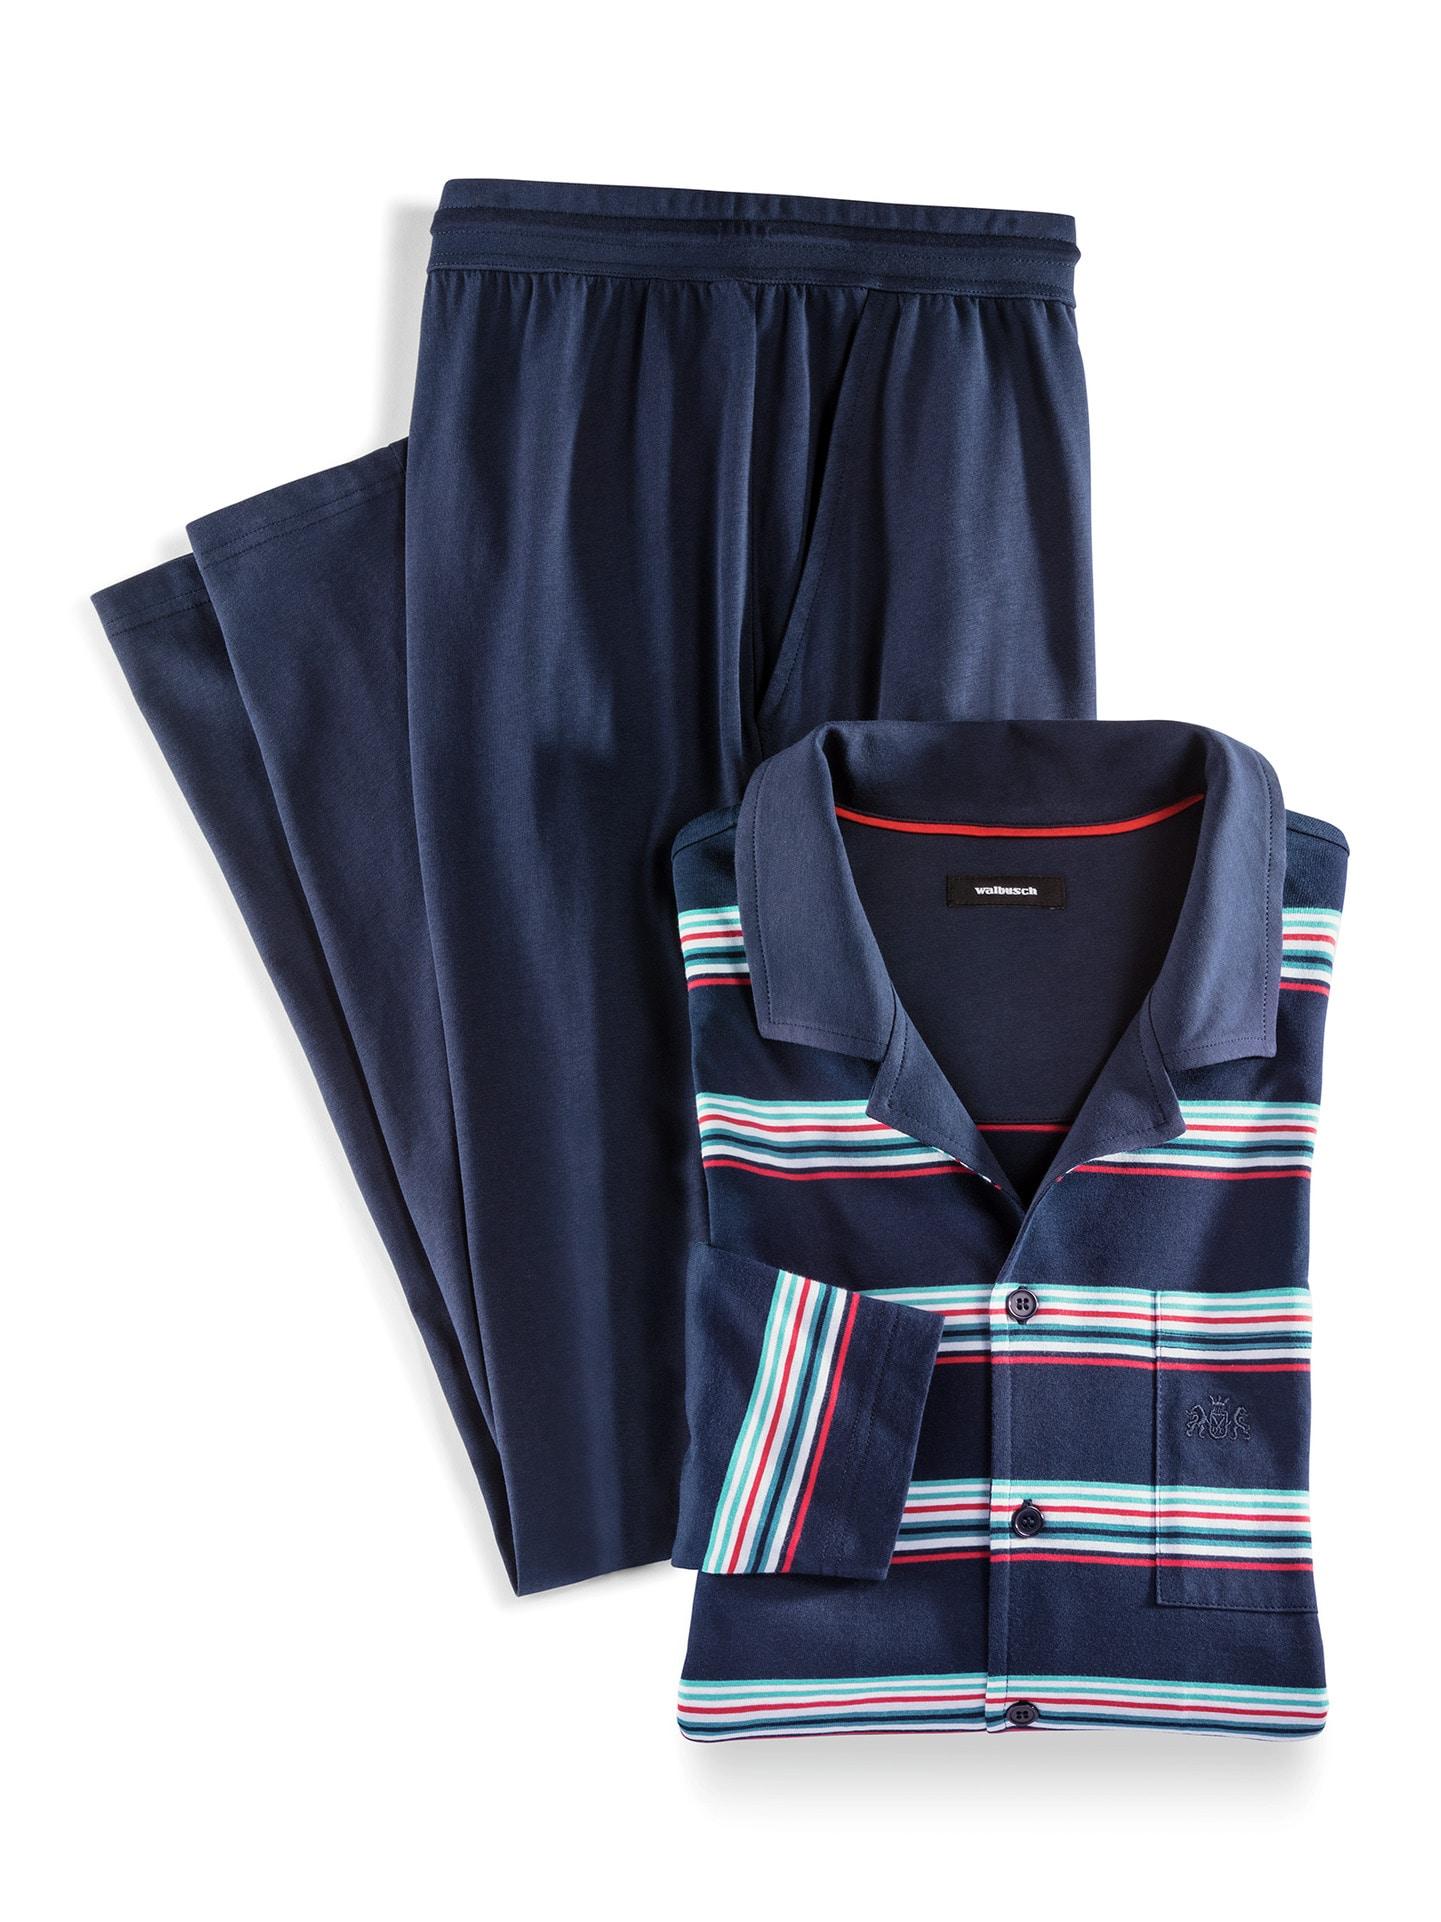 Walbusch Herren Streifen Pyjama Bottone gemustert Marine 48, 50, 52, 54, 56, 58/60, 62/64 22-1755-0